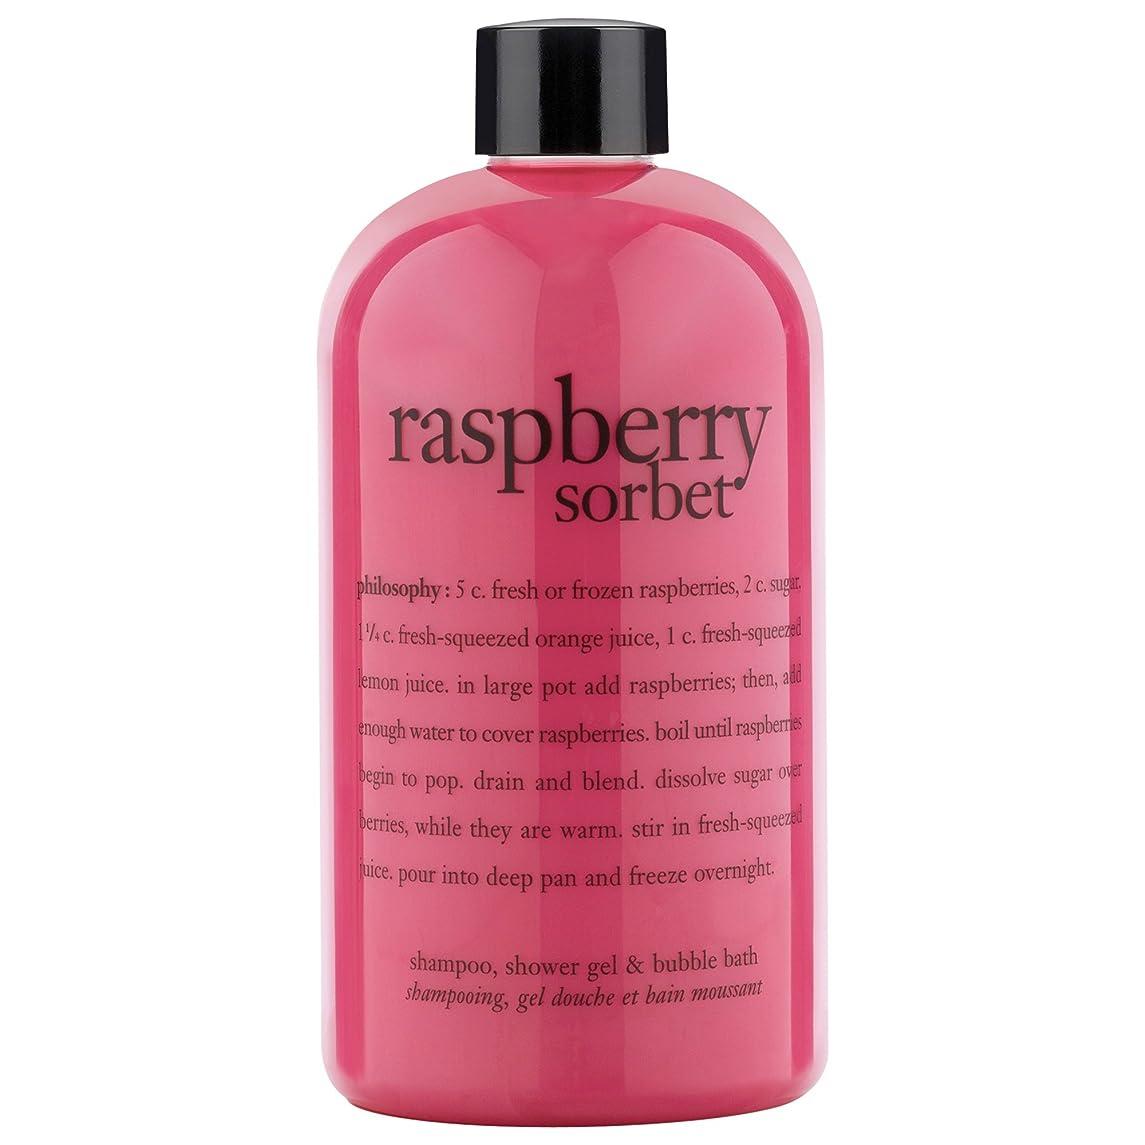 セーブ帳面フィード哲学ラズベリーシャワージェル480ミリリットル (Philosophy) - Philosophy Raspberry Shower Gel 480ml [並行輸入品]